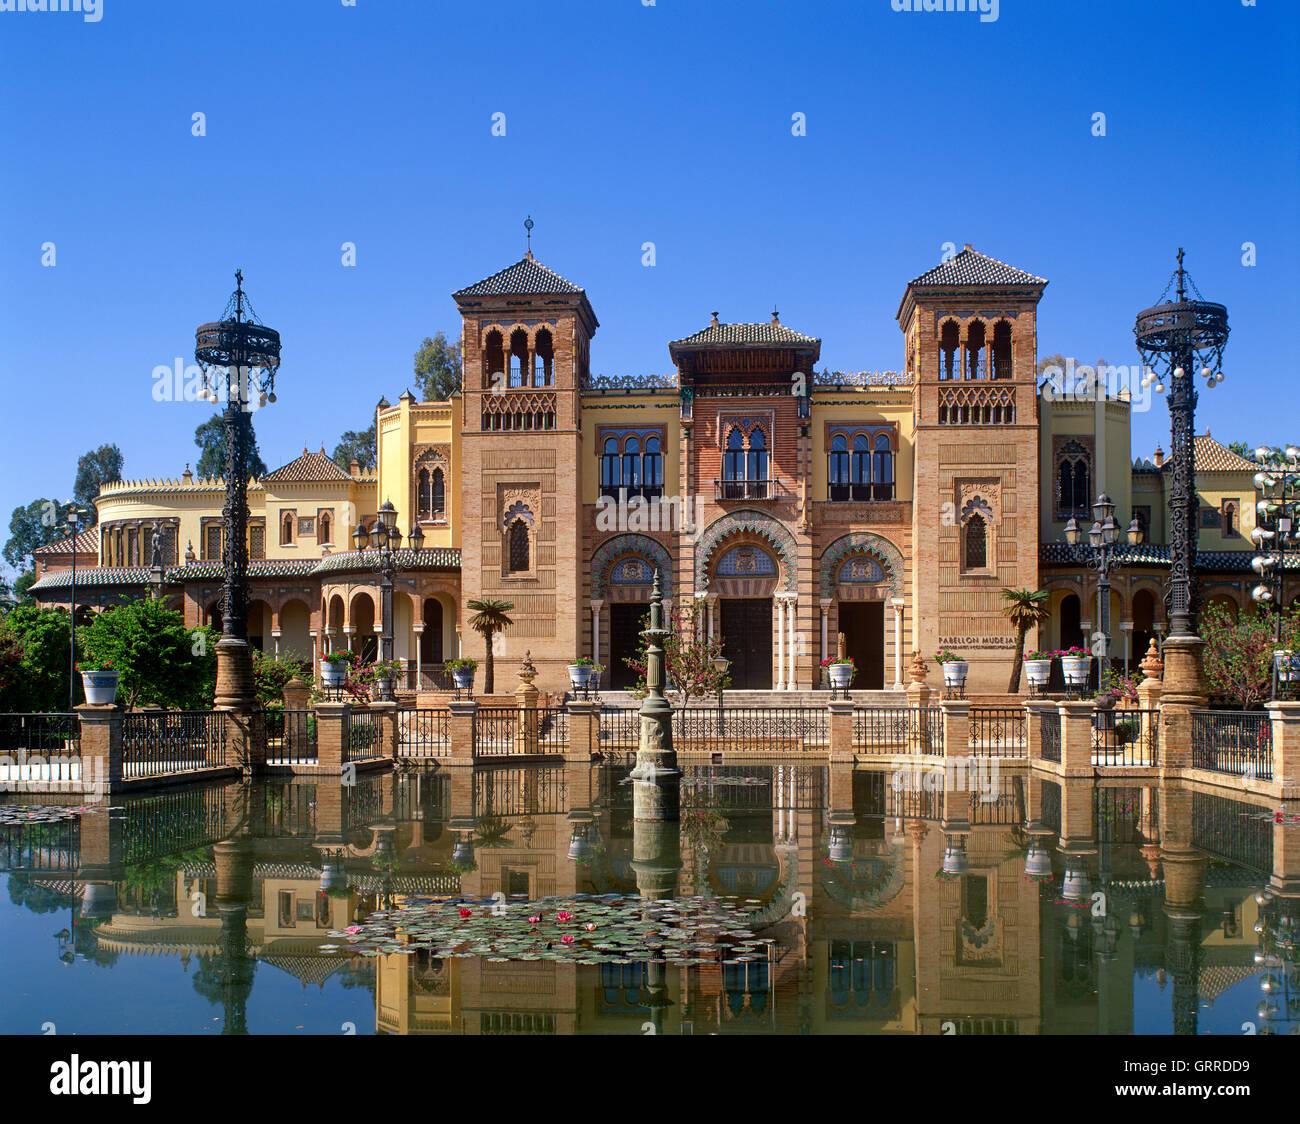 Pabellon Mudejar, Parque Maria Luisa, Seville, Andalucia, Spain - Stock Image